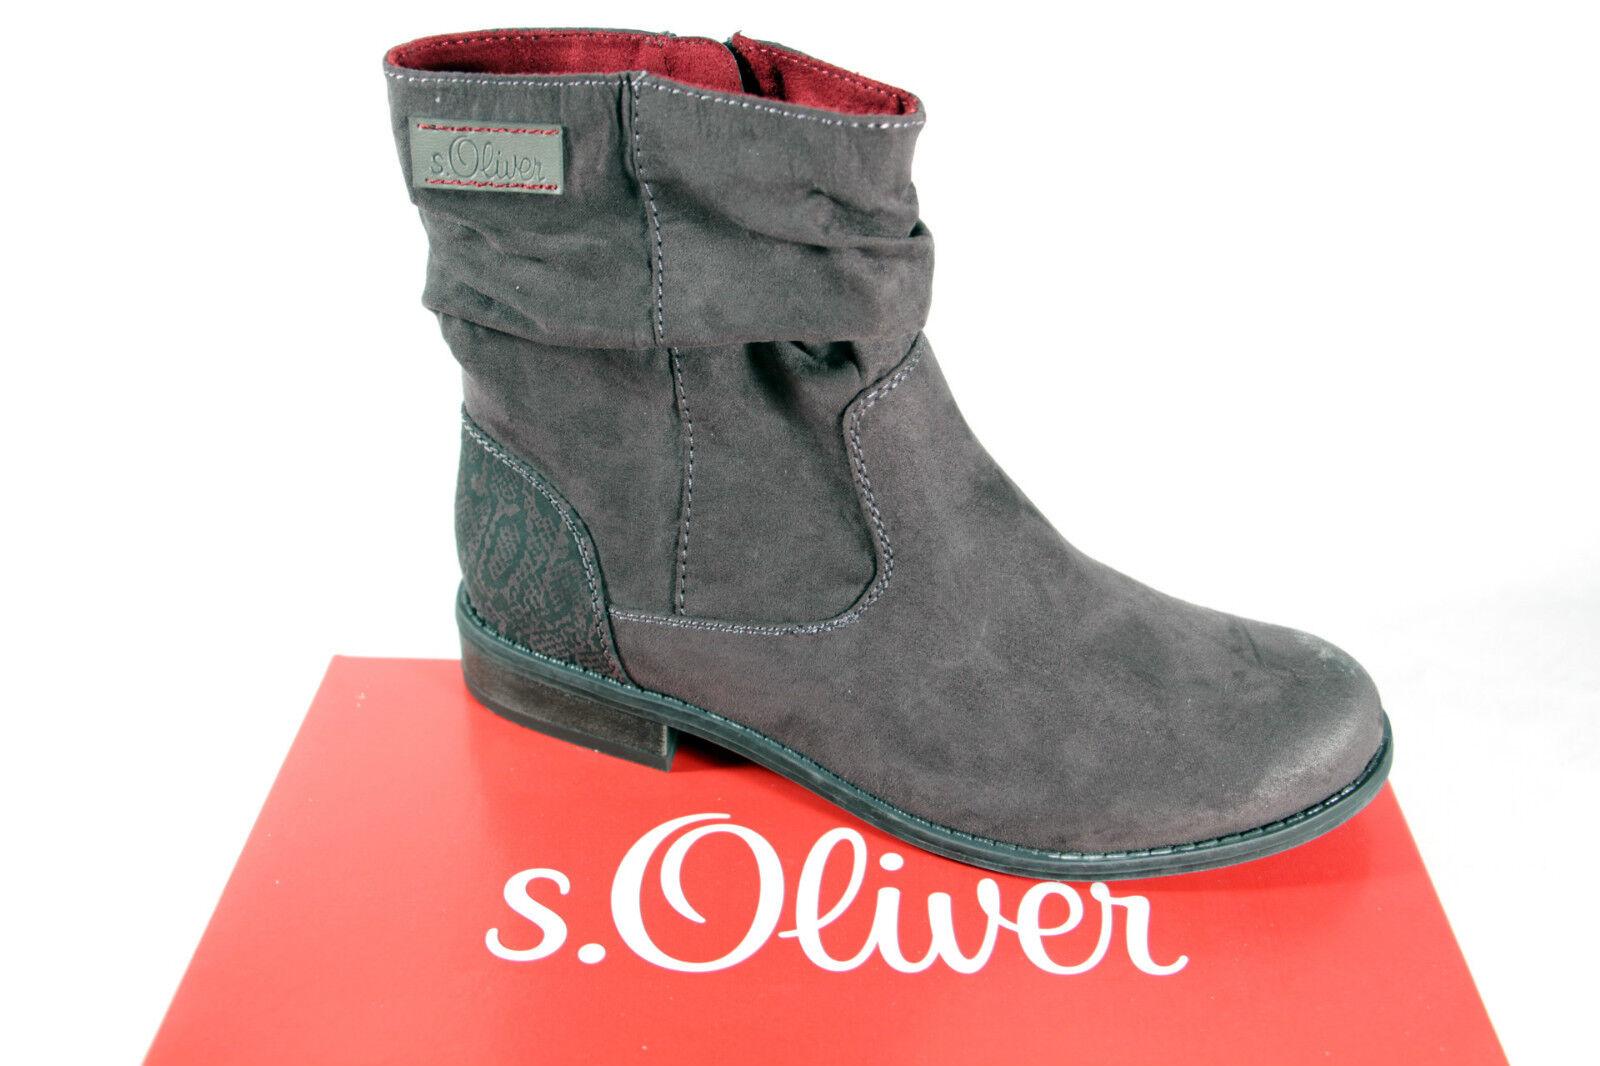 S.Oliver Stiefel, Stiefelette, Stiefel, grau, leicht gefüttert, Reißverschluß NEU